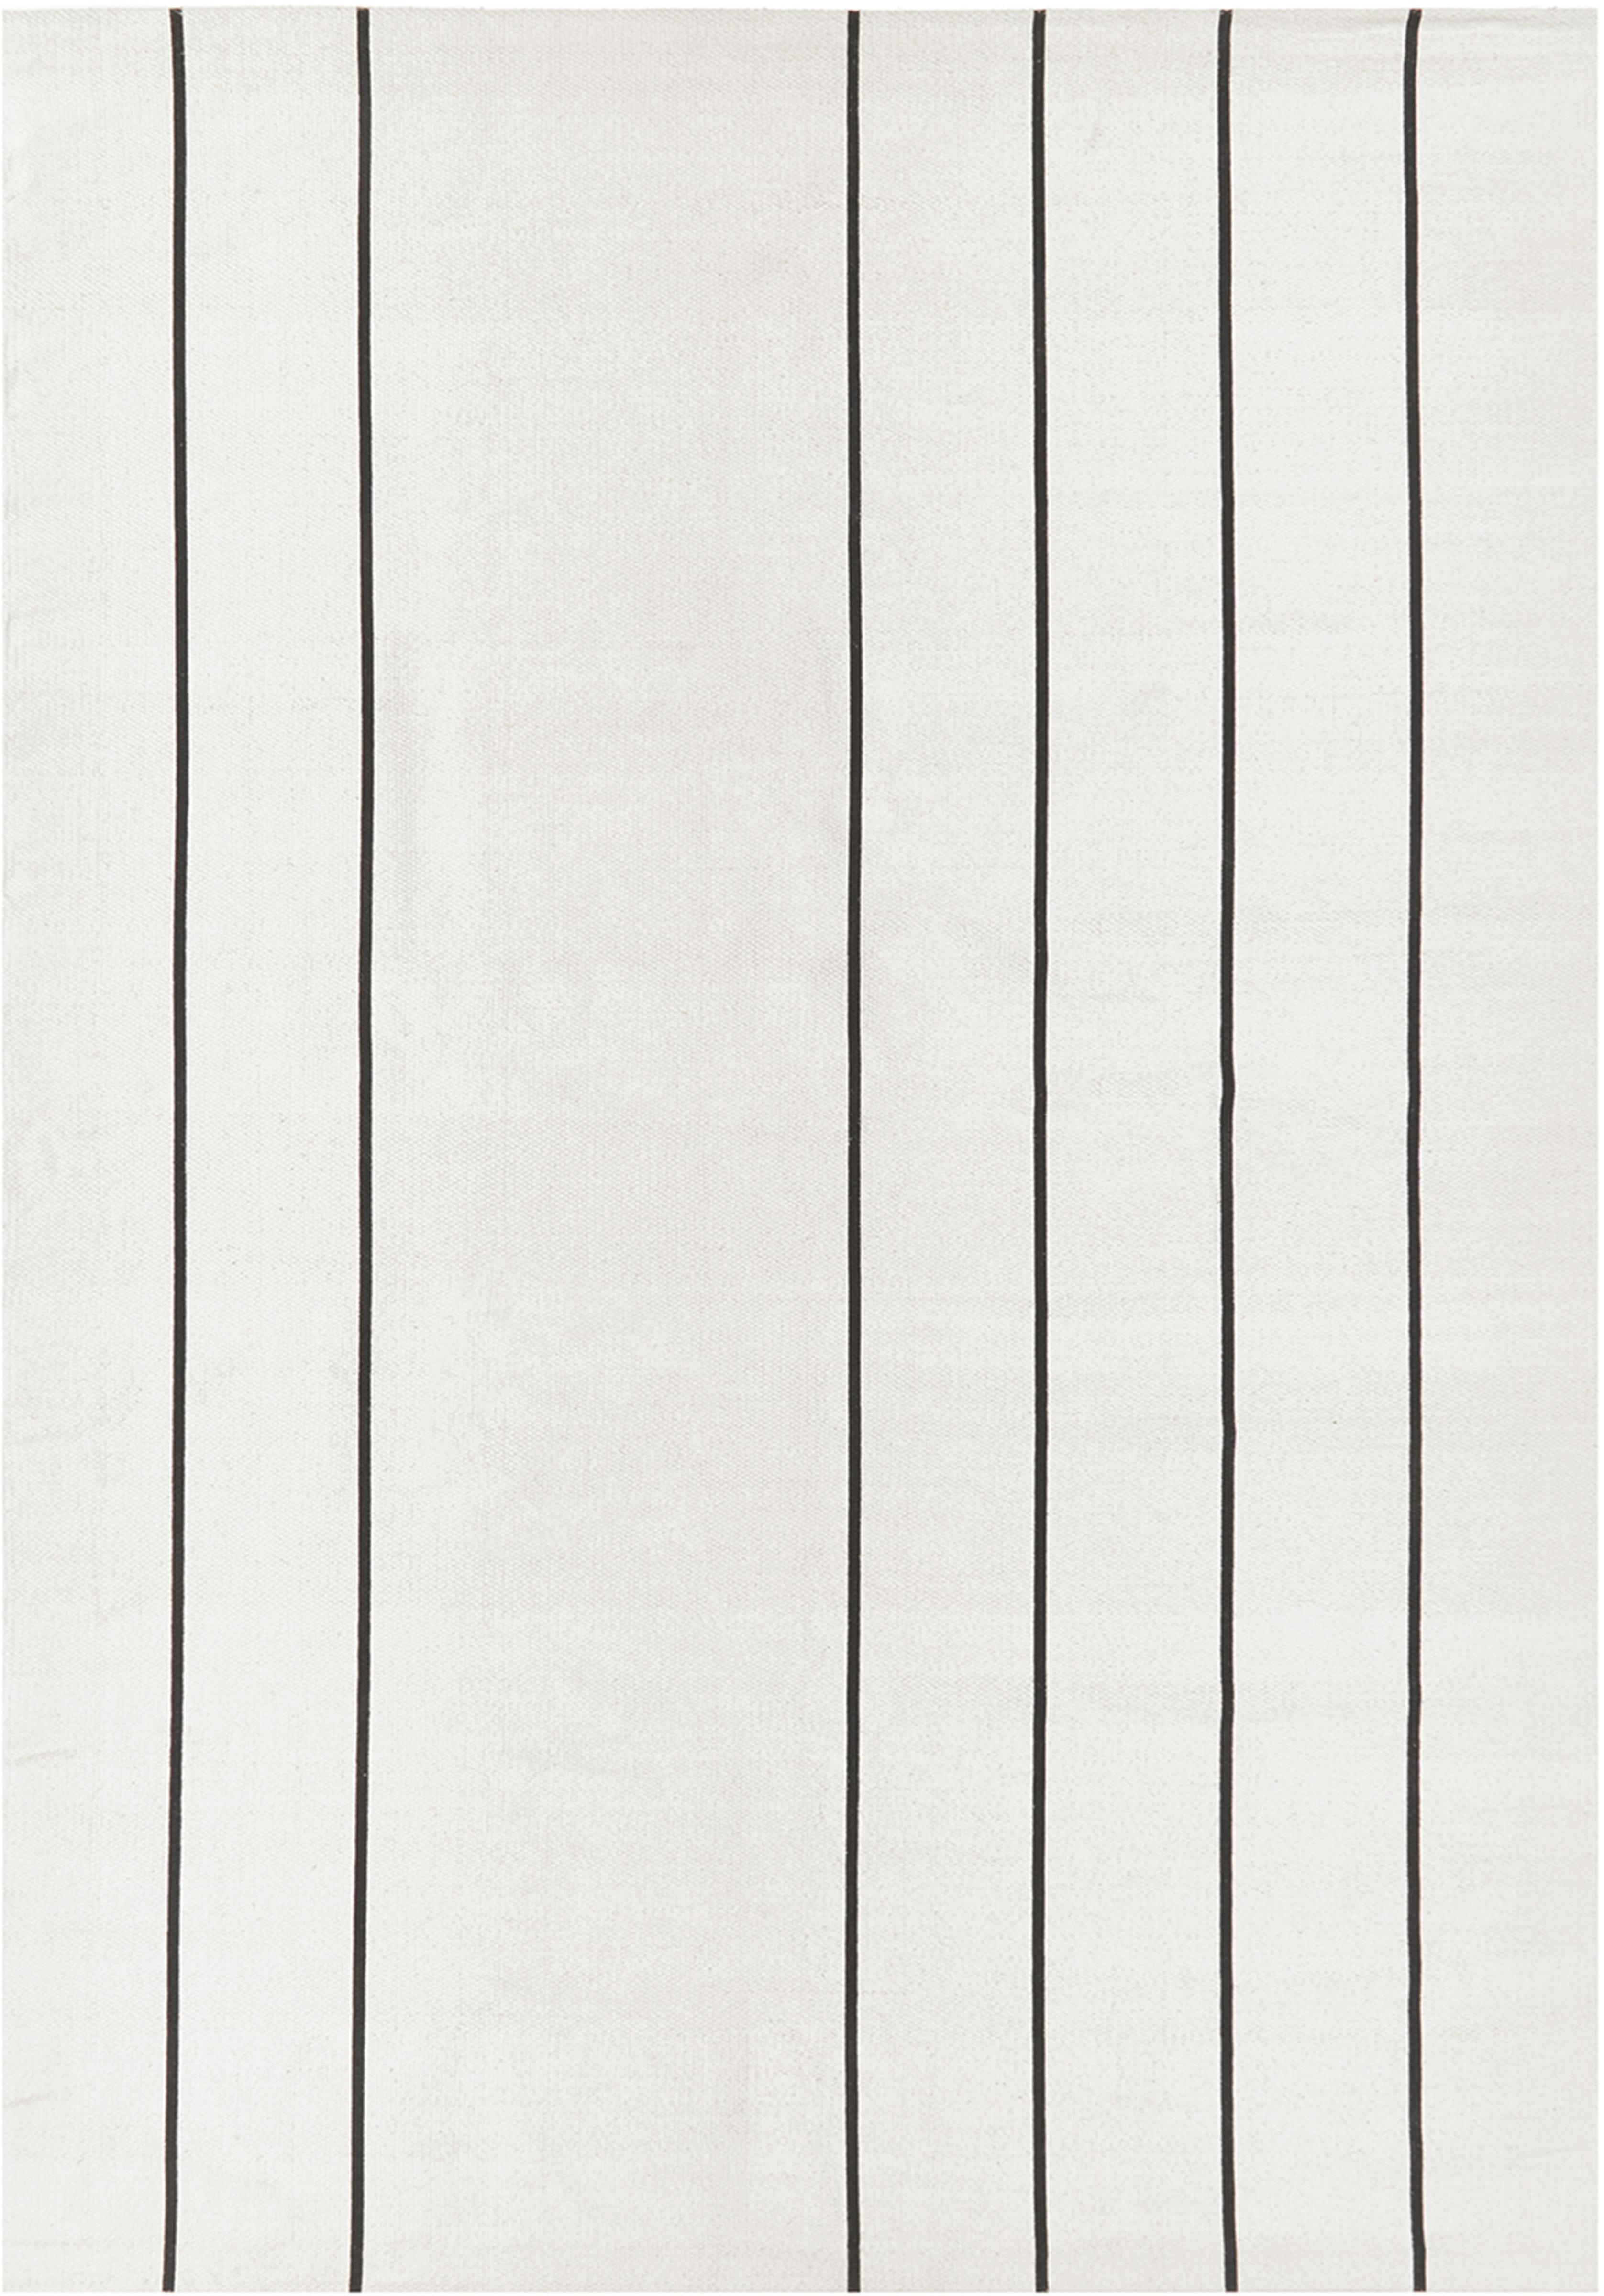 Flachgewebter Baumwollteppich David mit Linien, handgefertigt, 100% Baumwolle, Cremeweiß, Schwarz, B 160 x L 230 cm (Größe M)